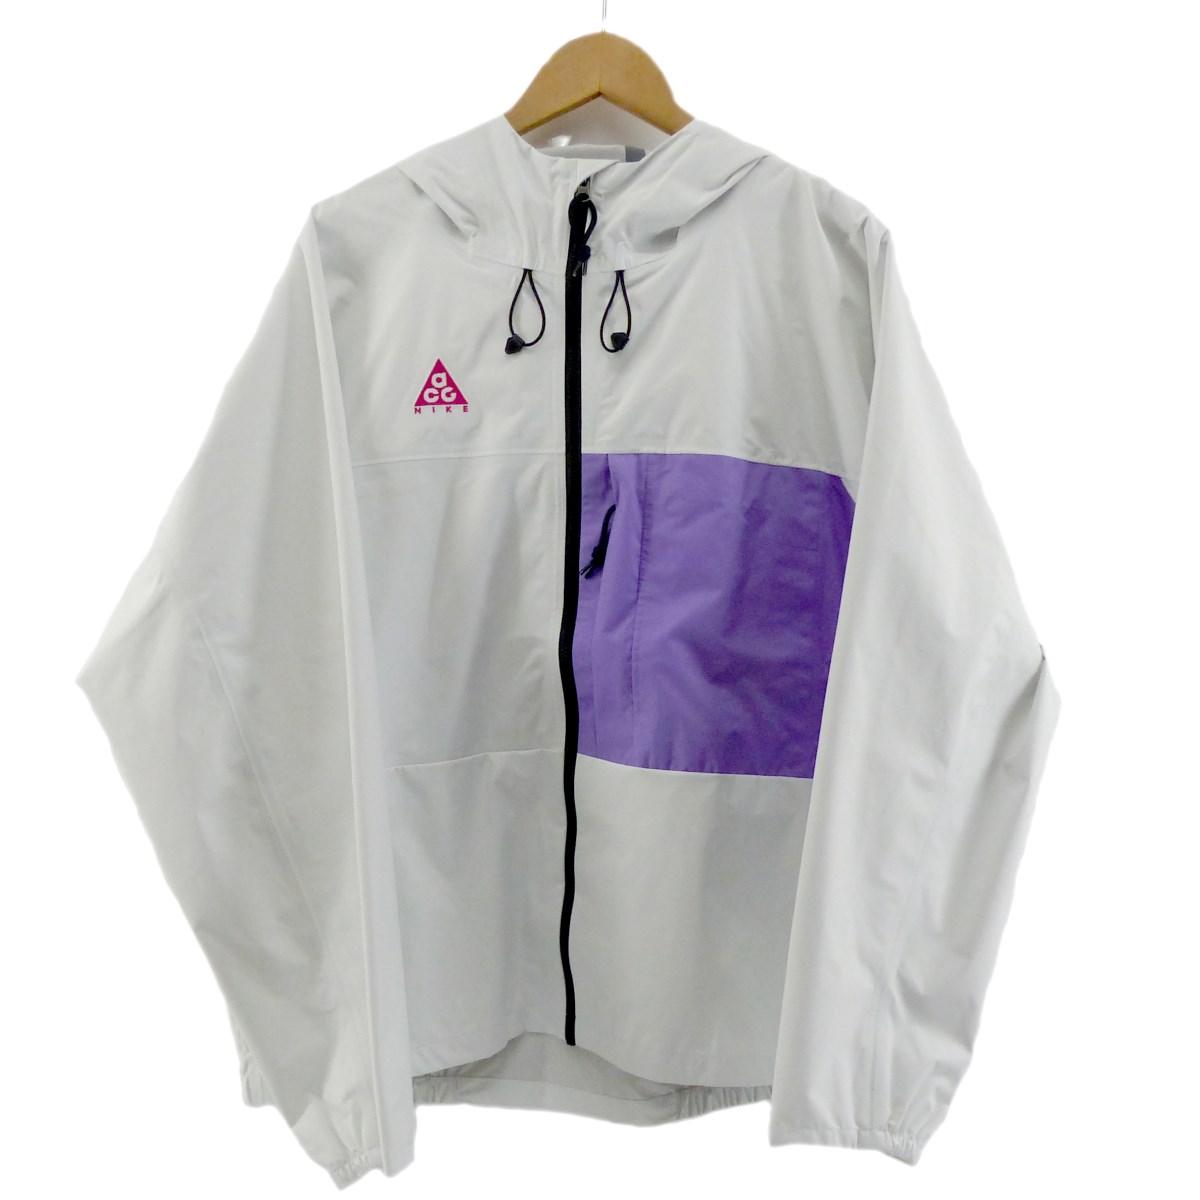 【中古】Nike ACG 2019SS AS M ACG 2.5L PCK JKT ナイロンジャケット ホワイト サイズ:S 【180520】(ナイキエーシージー)